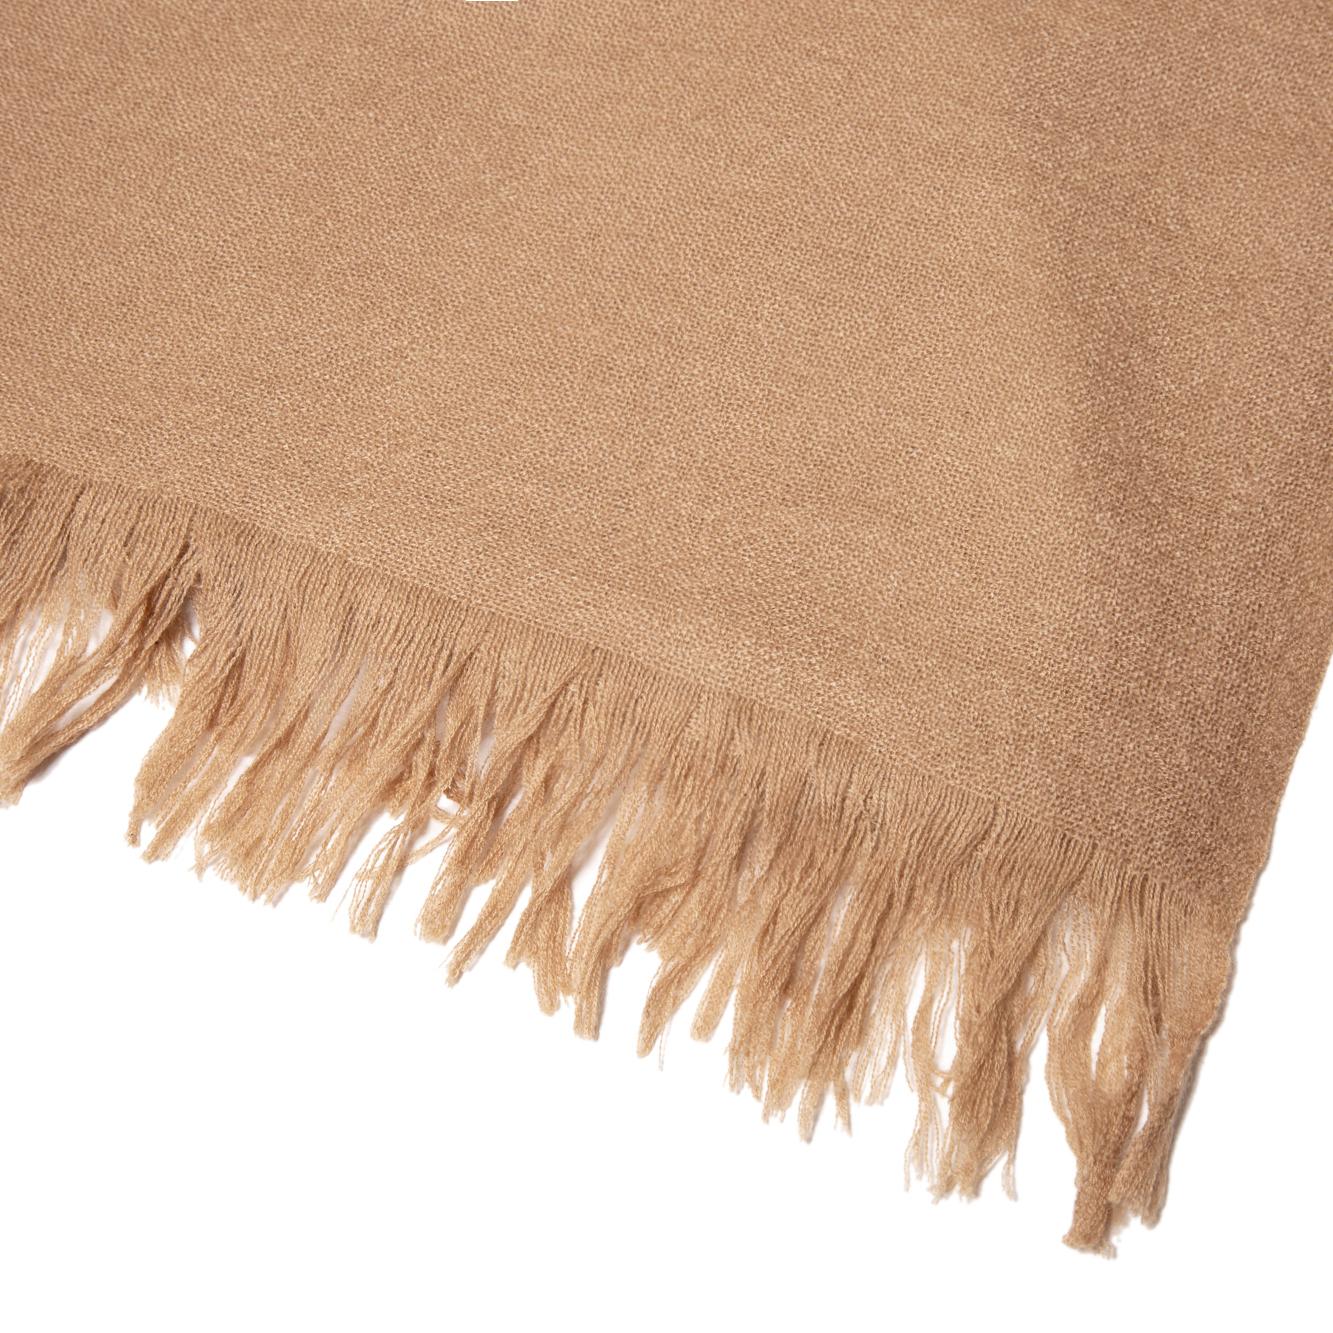 上質なカシミヤ原毛の糸で織り上げたストールだから、巻き心地が違います。上質なカシミアのマフラー・ストール「STEPPE」|ADOS(エイドス)